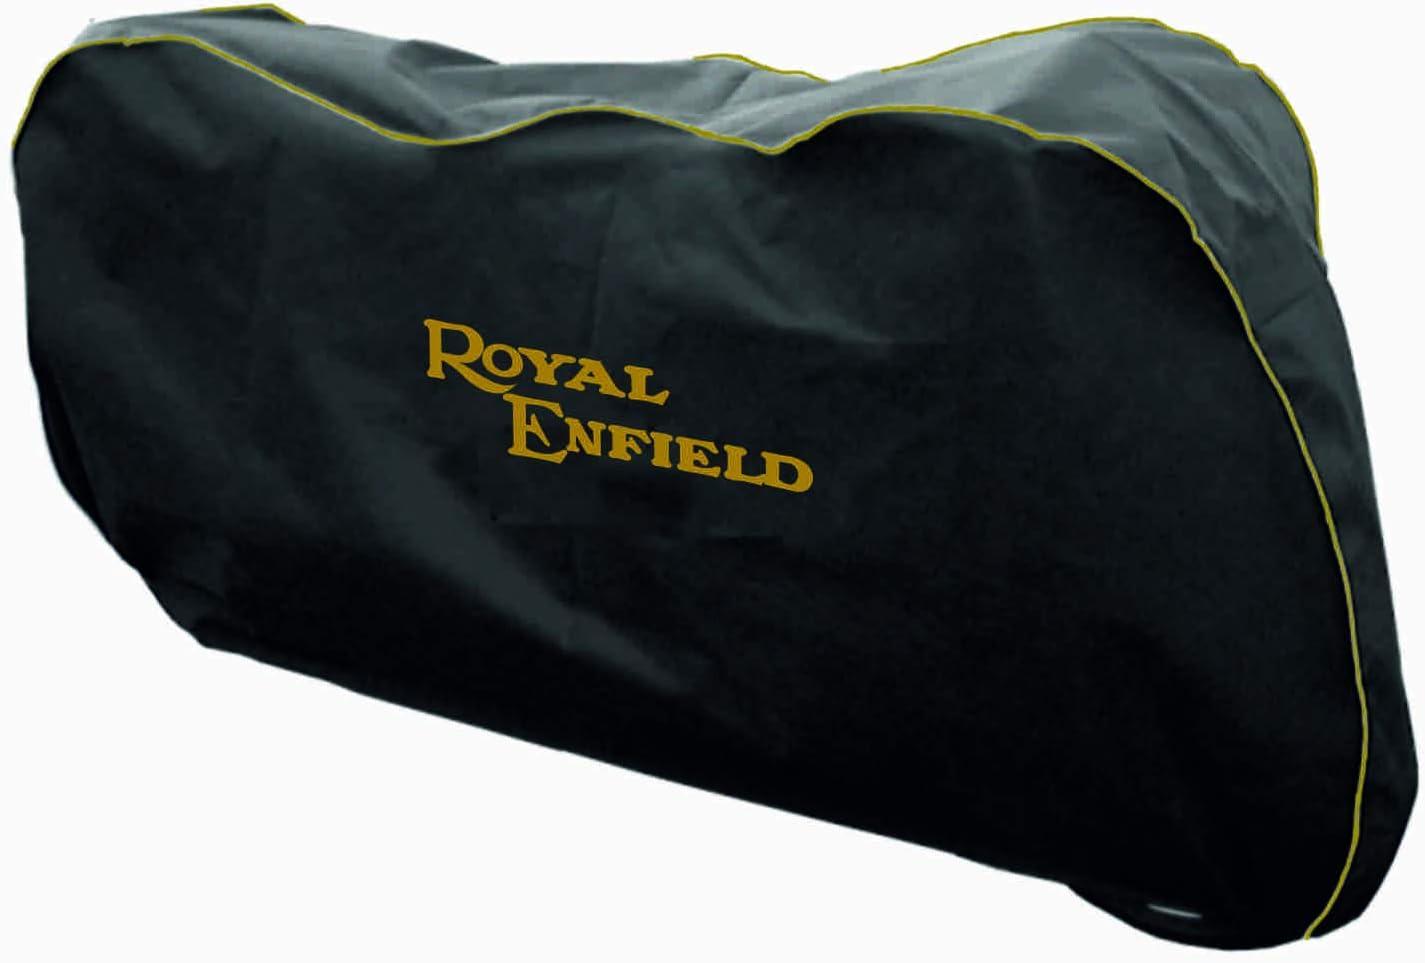 DustOff Covers Classique Moto Int/érieur Respirant Poussi/ère Housse pour Royal Enfield